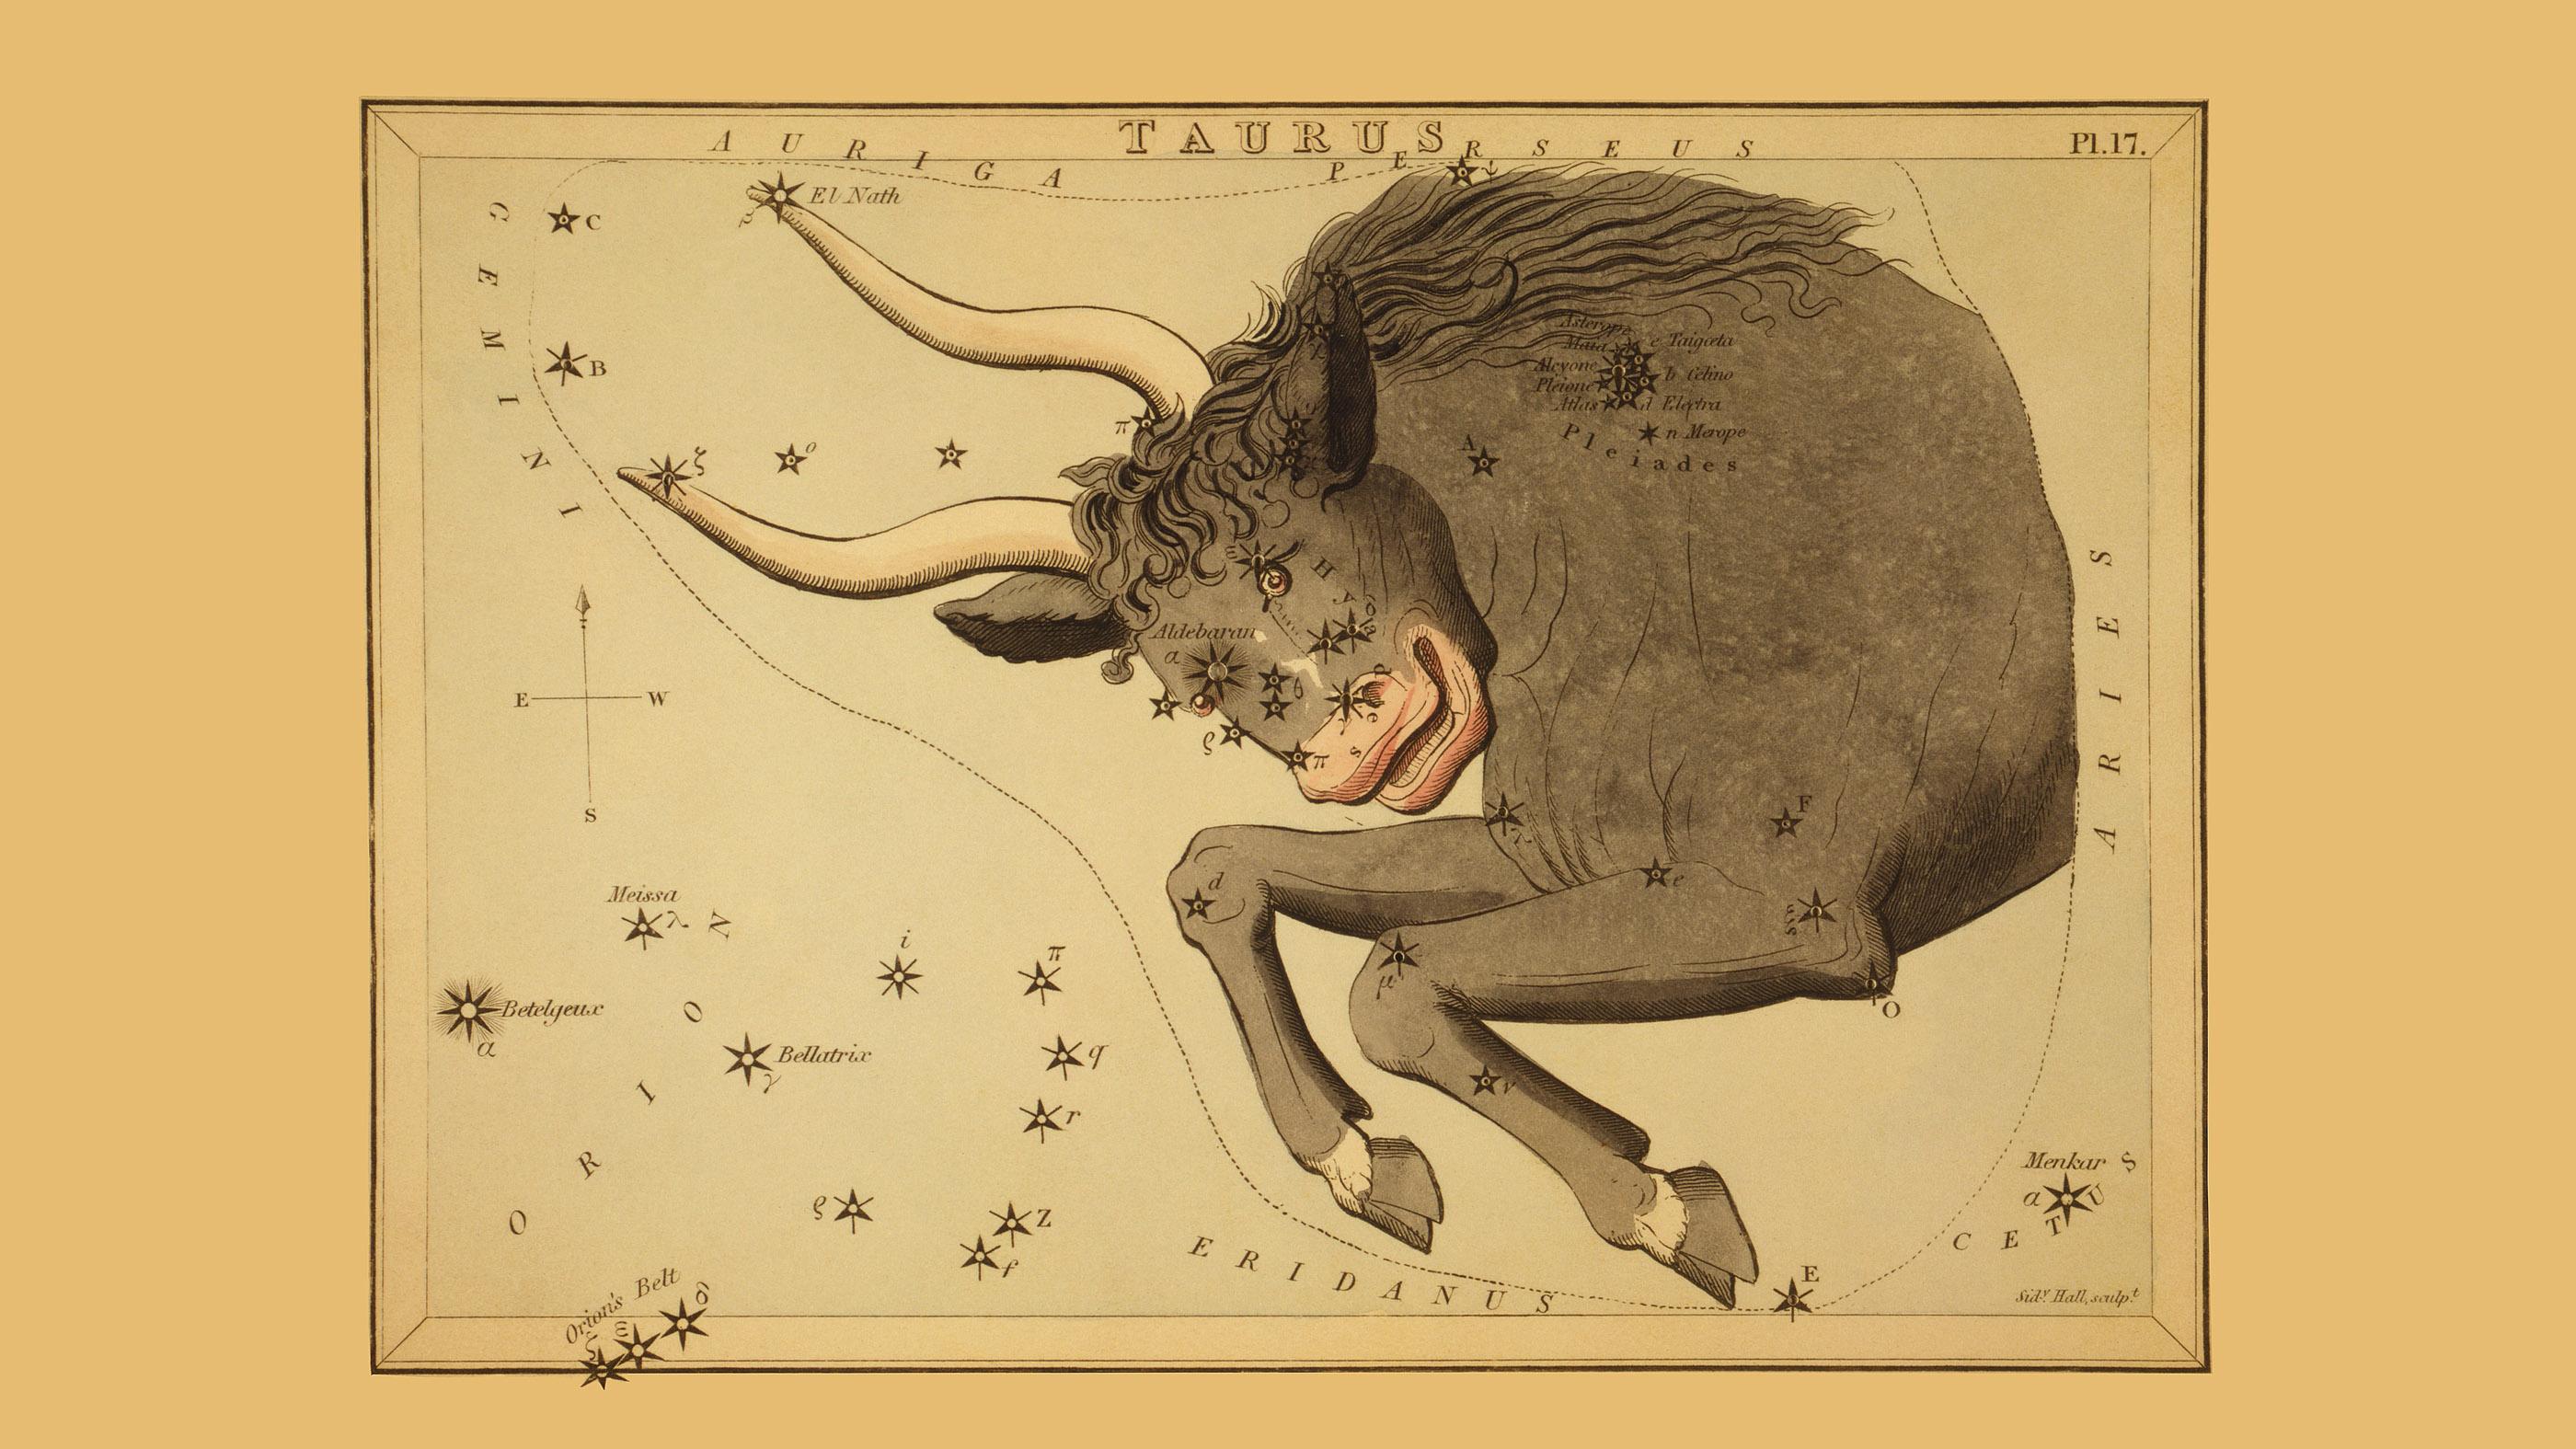 Carte astronomique montrant le taureau Taureau formant la constellation, révélant l'amas d'étoiles des Pléiades.